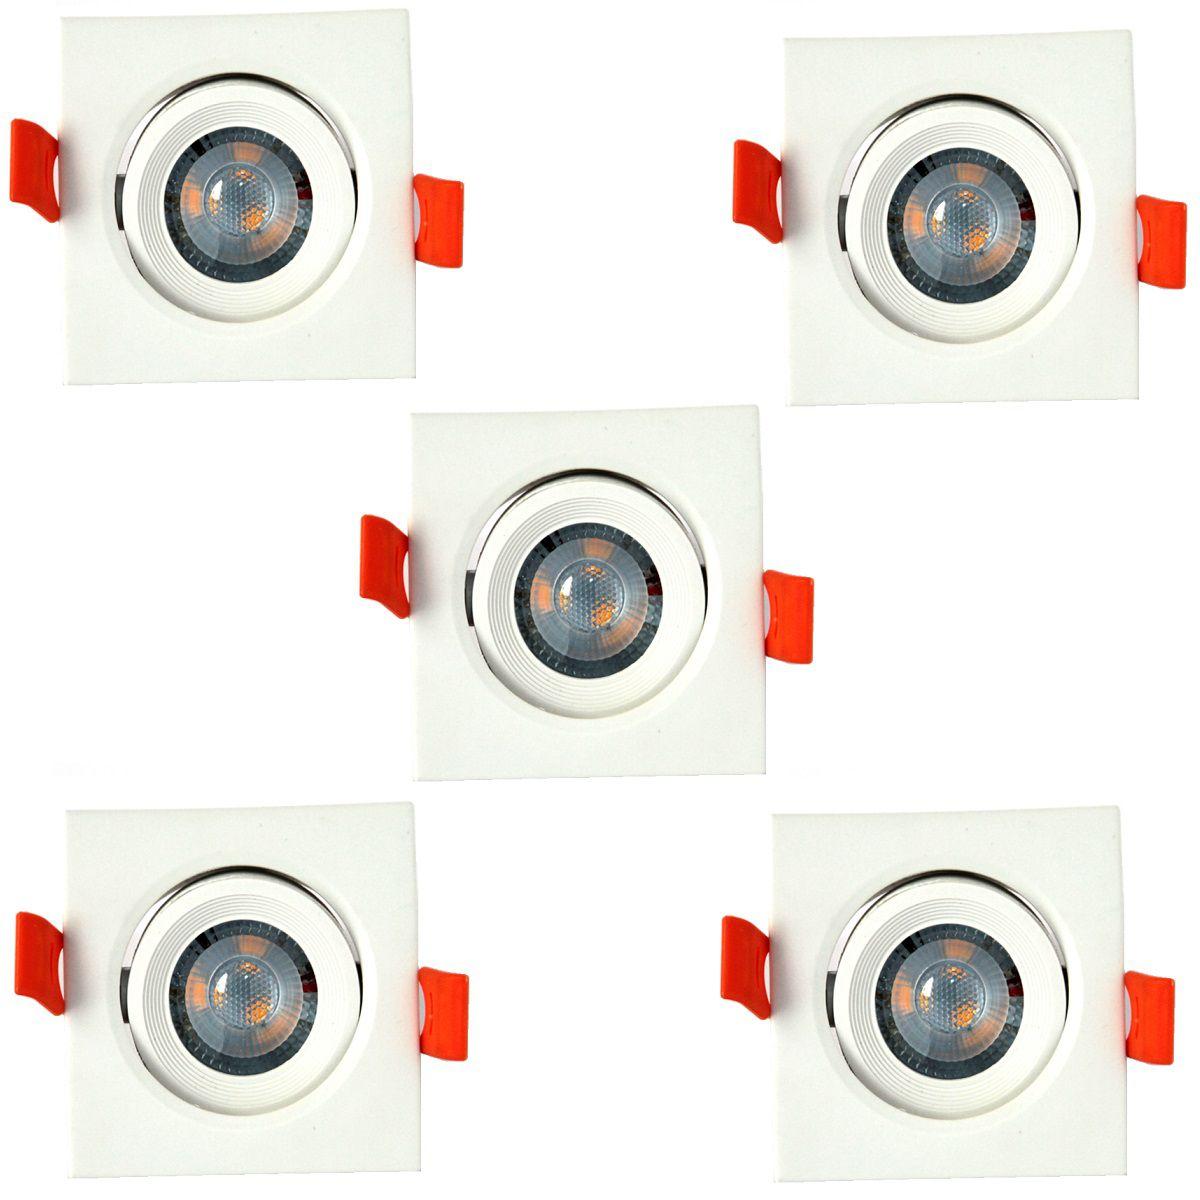 Kit 5 Spot Led Direcionável Quadrado 3W Branco Morno Bivolt